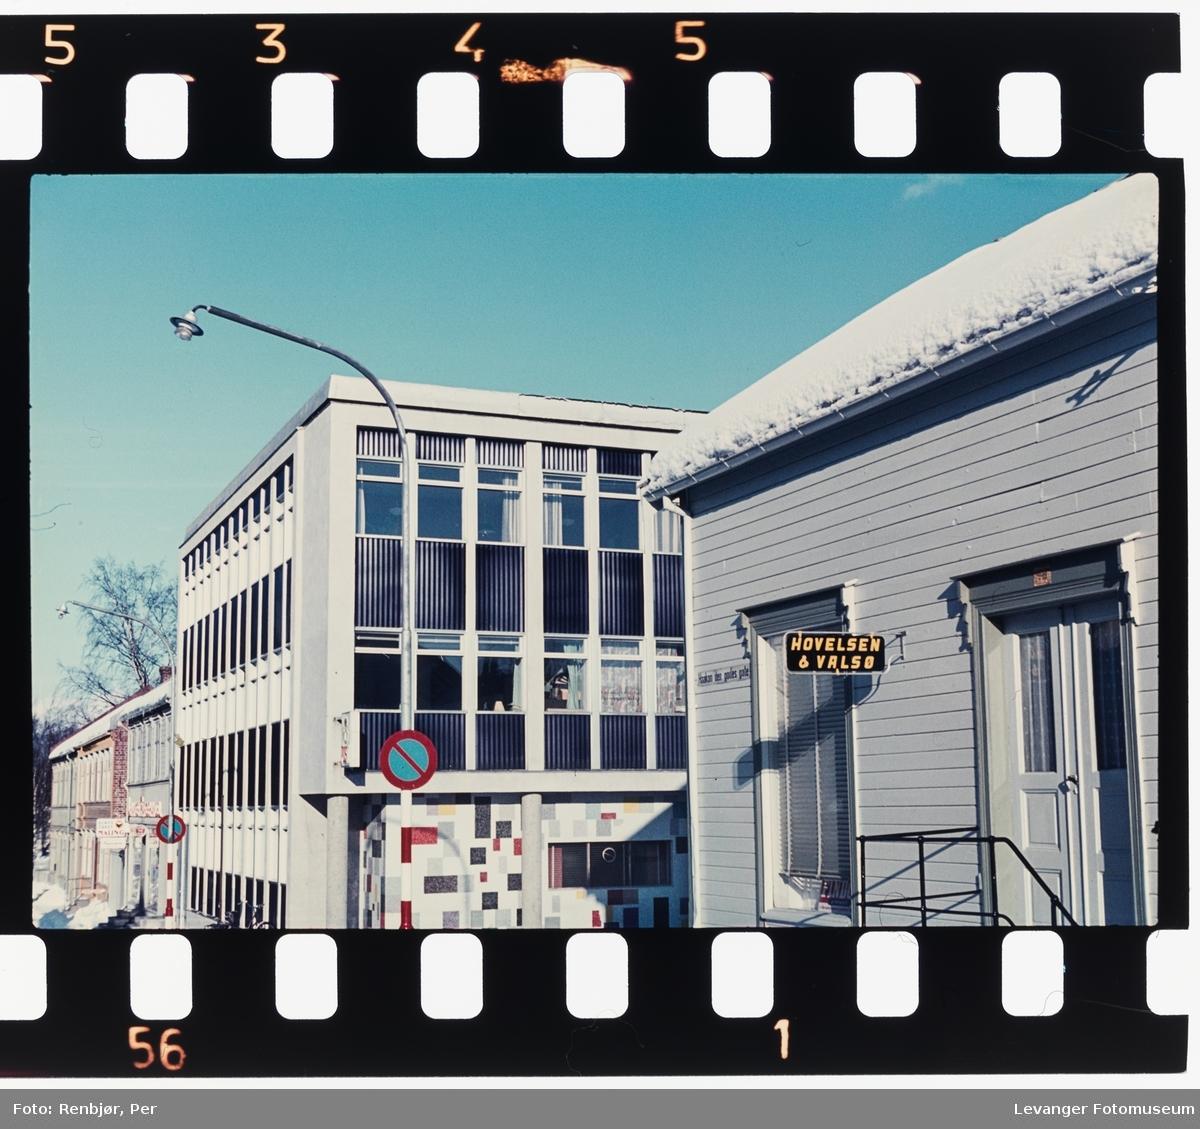 Ingrid Sitters kunstmosaikk på hjørnet av kontorbygget i Levanger